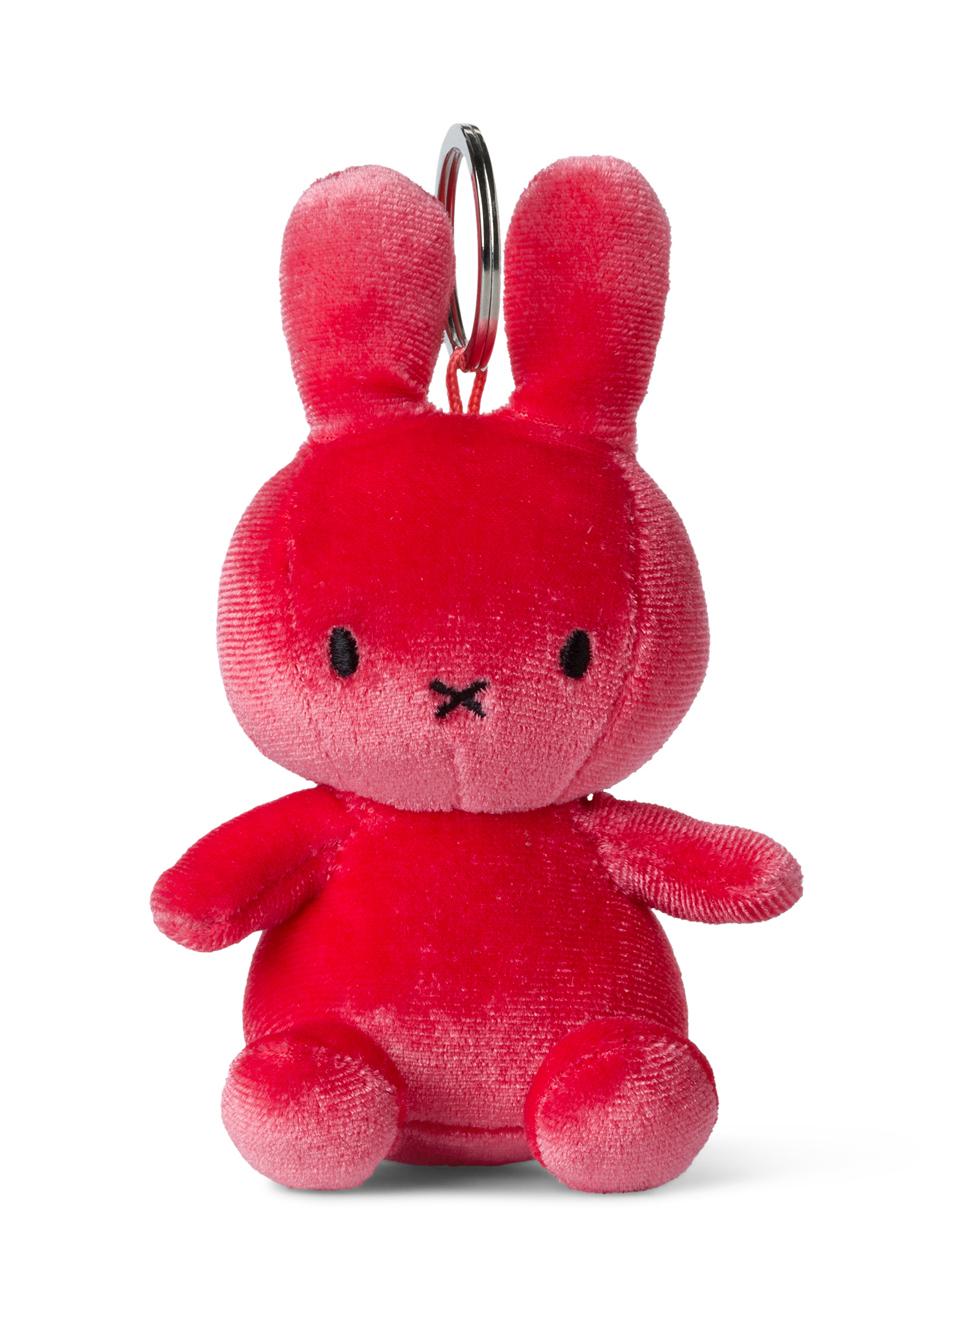 Plyšový zajačik cukríkovoružový zamat - kľúčenka - Miffy (10 cm)